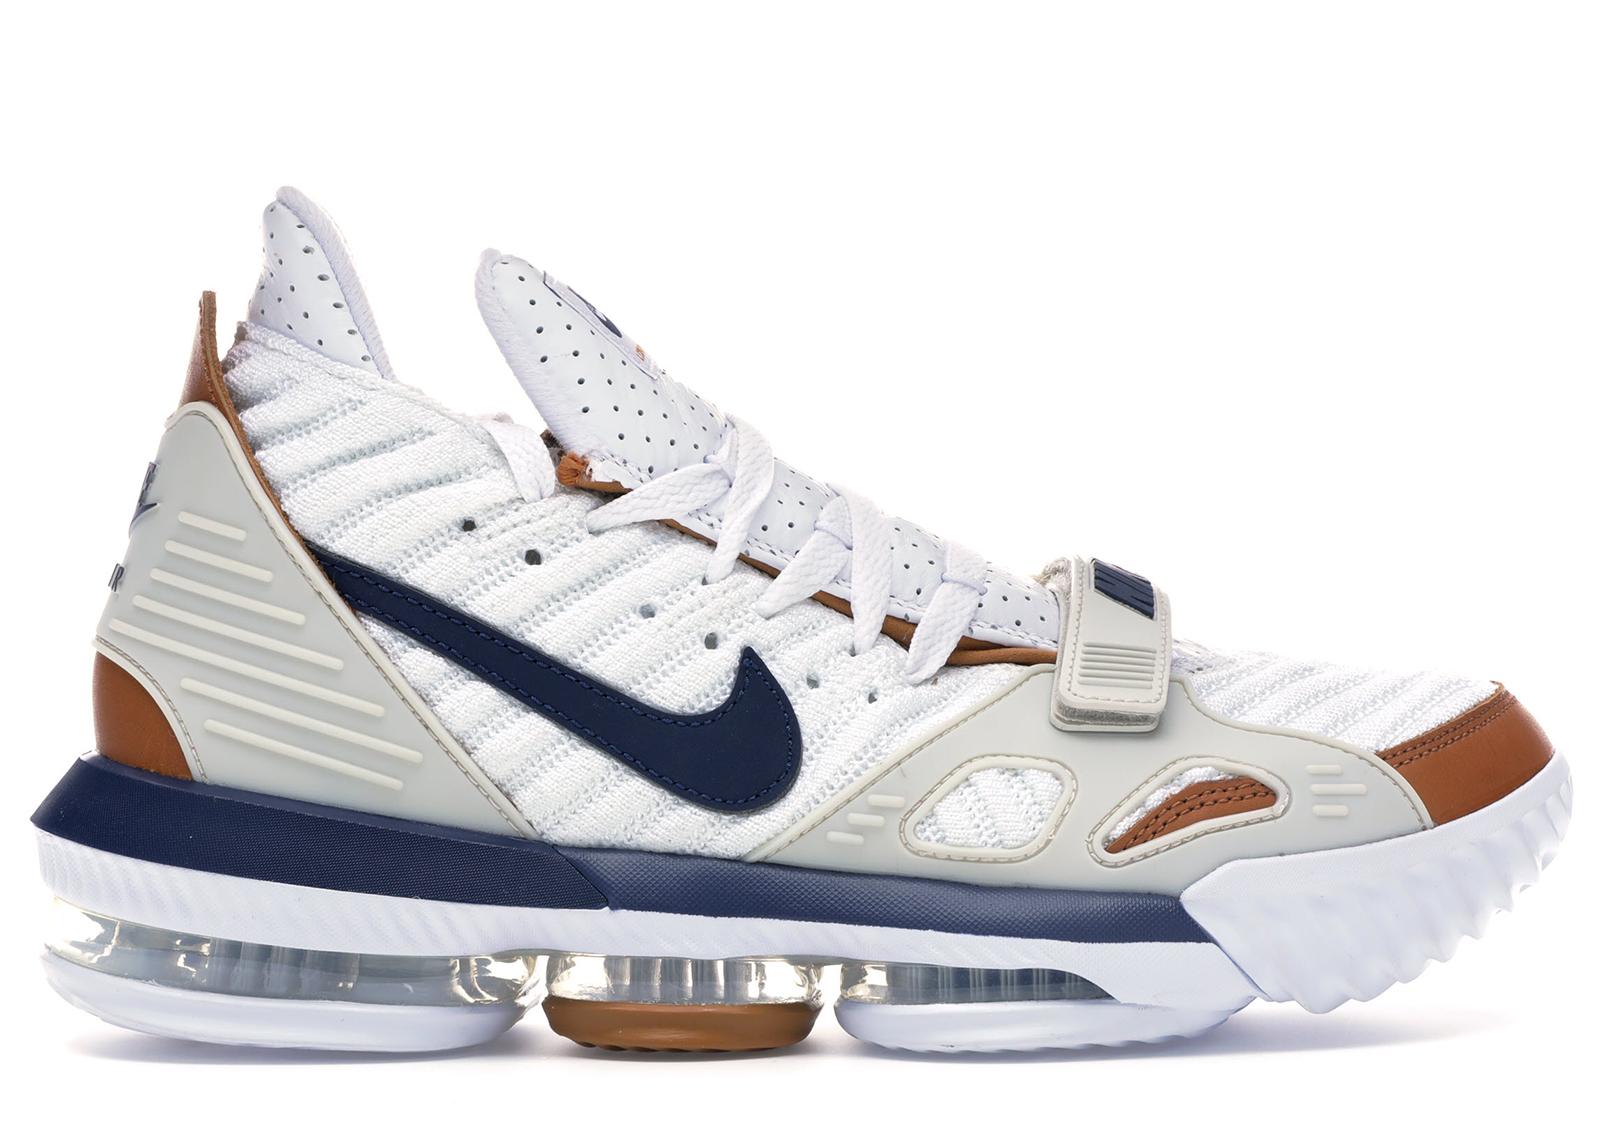 Acheter Nike LeBron 16 Chaussures et sneakers neuves